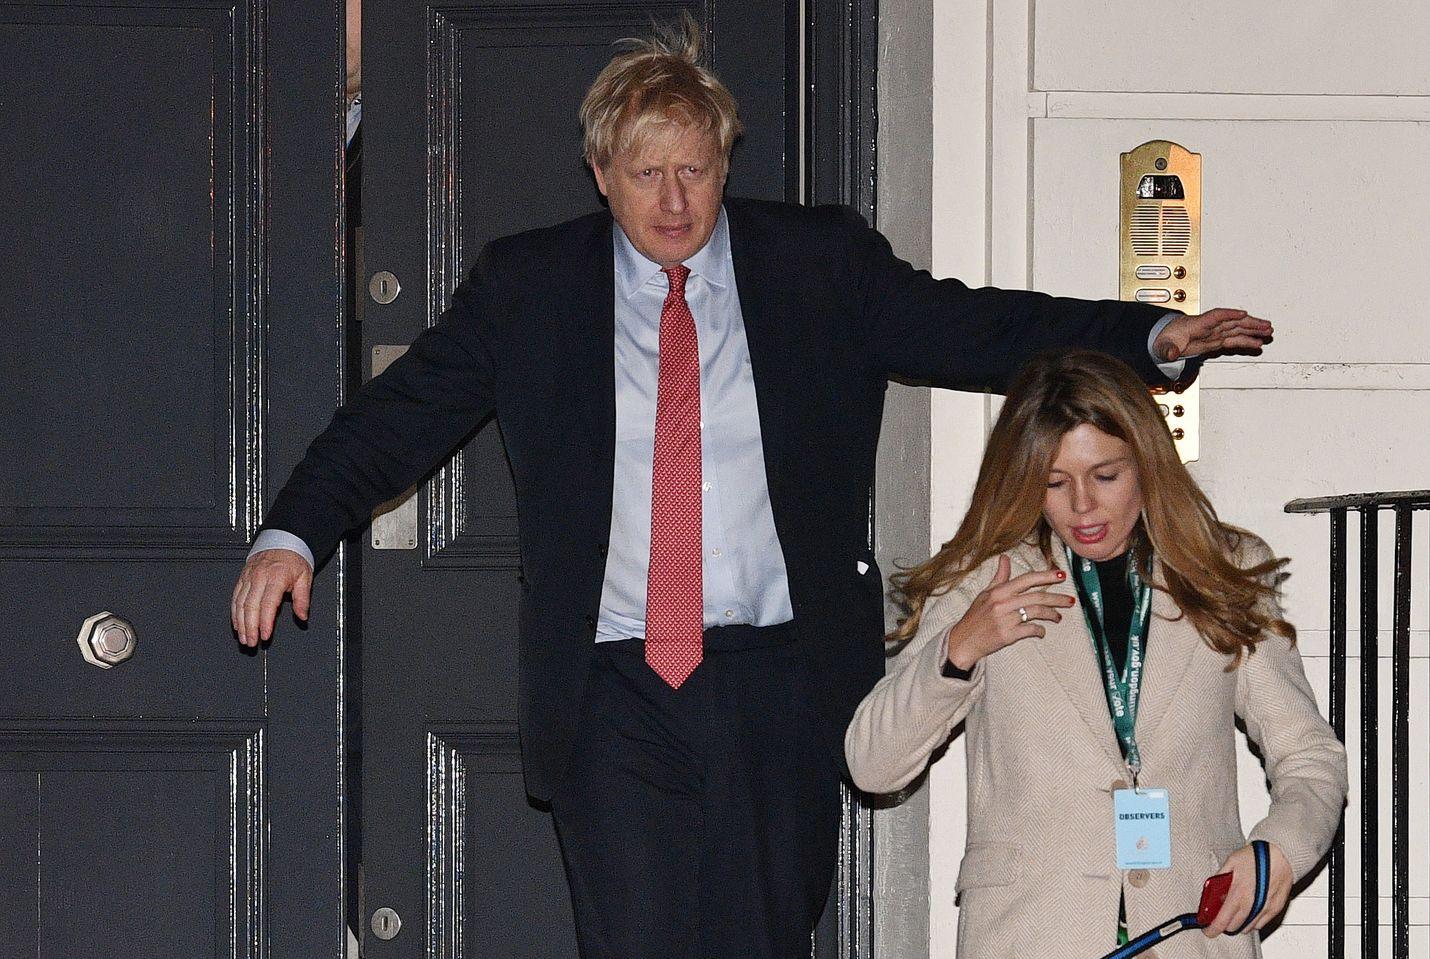 Britannian pääministeri Boris Johnson poistui Lontoossa konservatiivien päämajasta aikaisin perjantaina yhdessä tyttöystävänsä Carrie Symondsin kanssa.